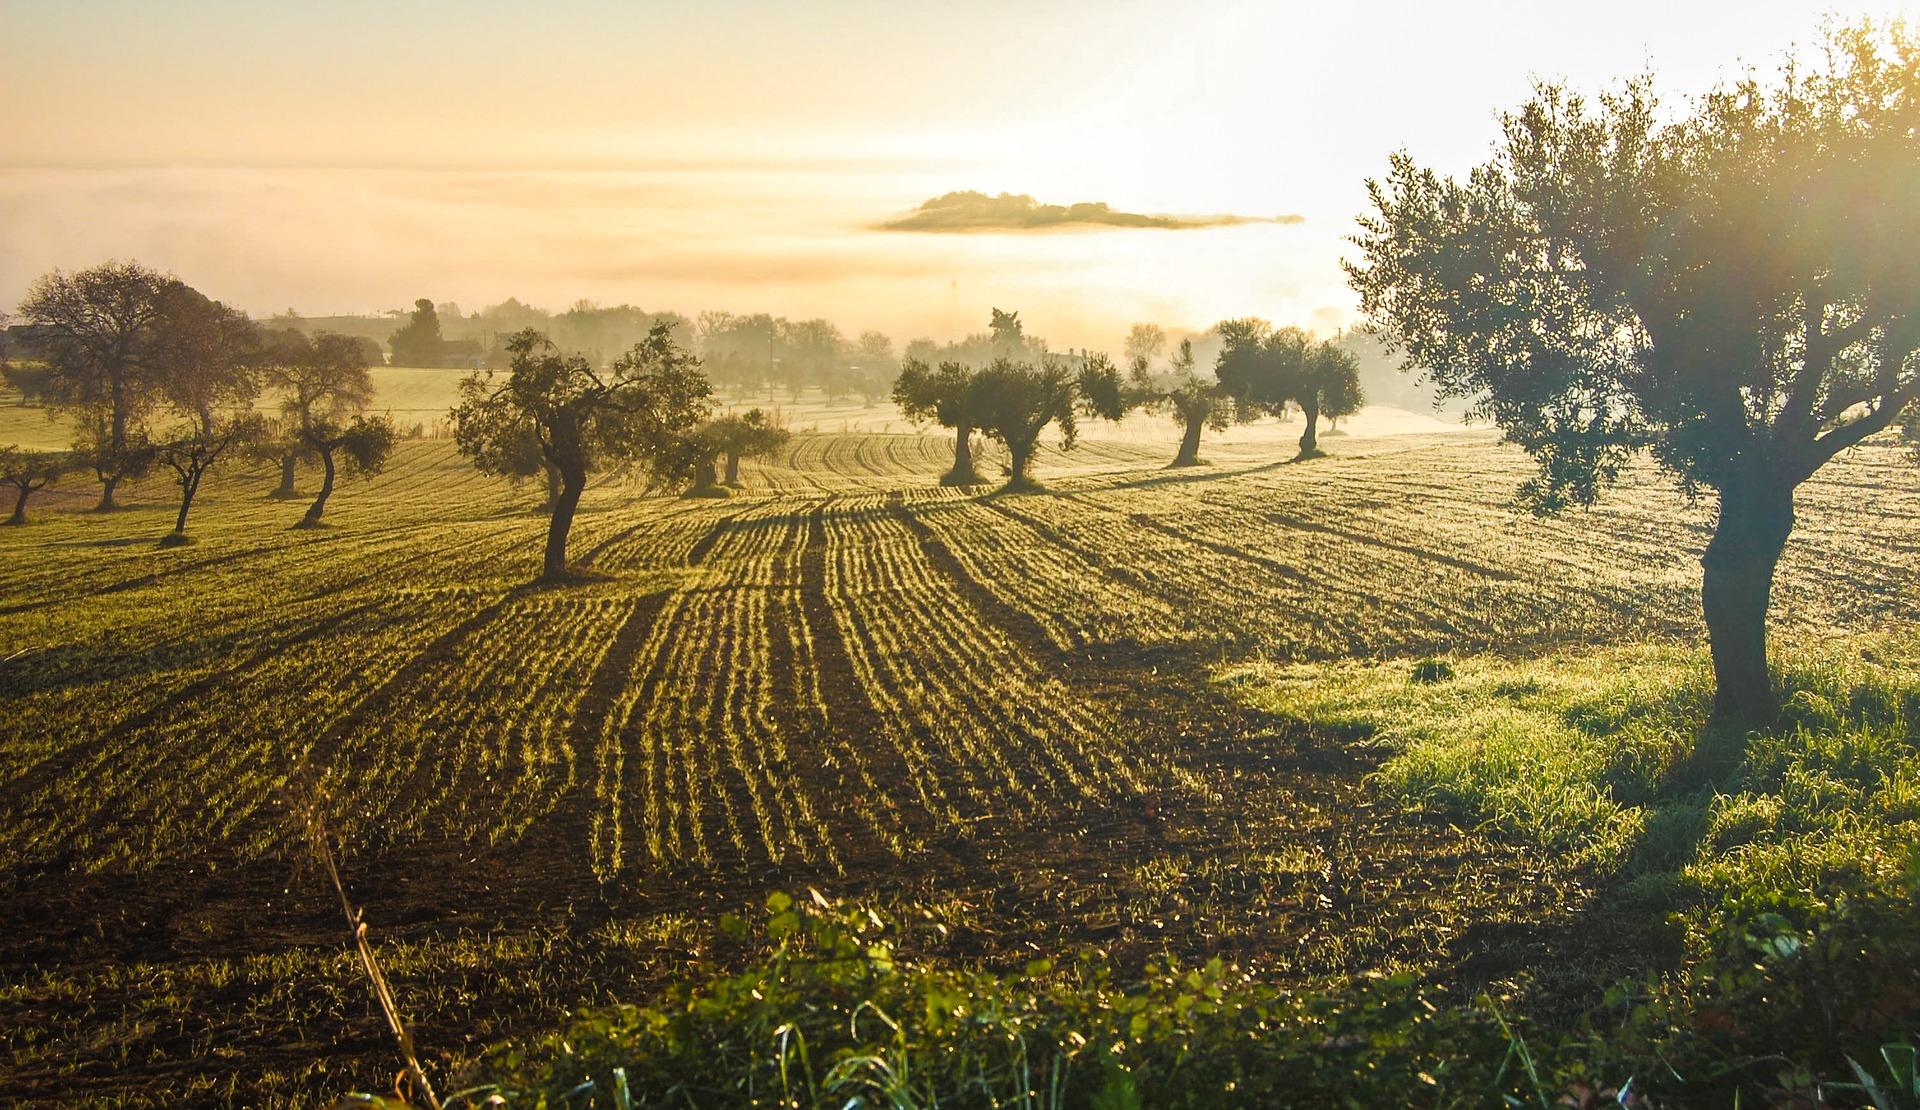 olive-grove-3453760_1920.jpg